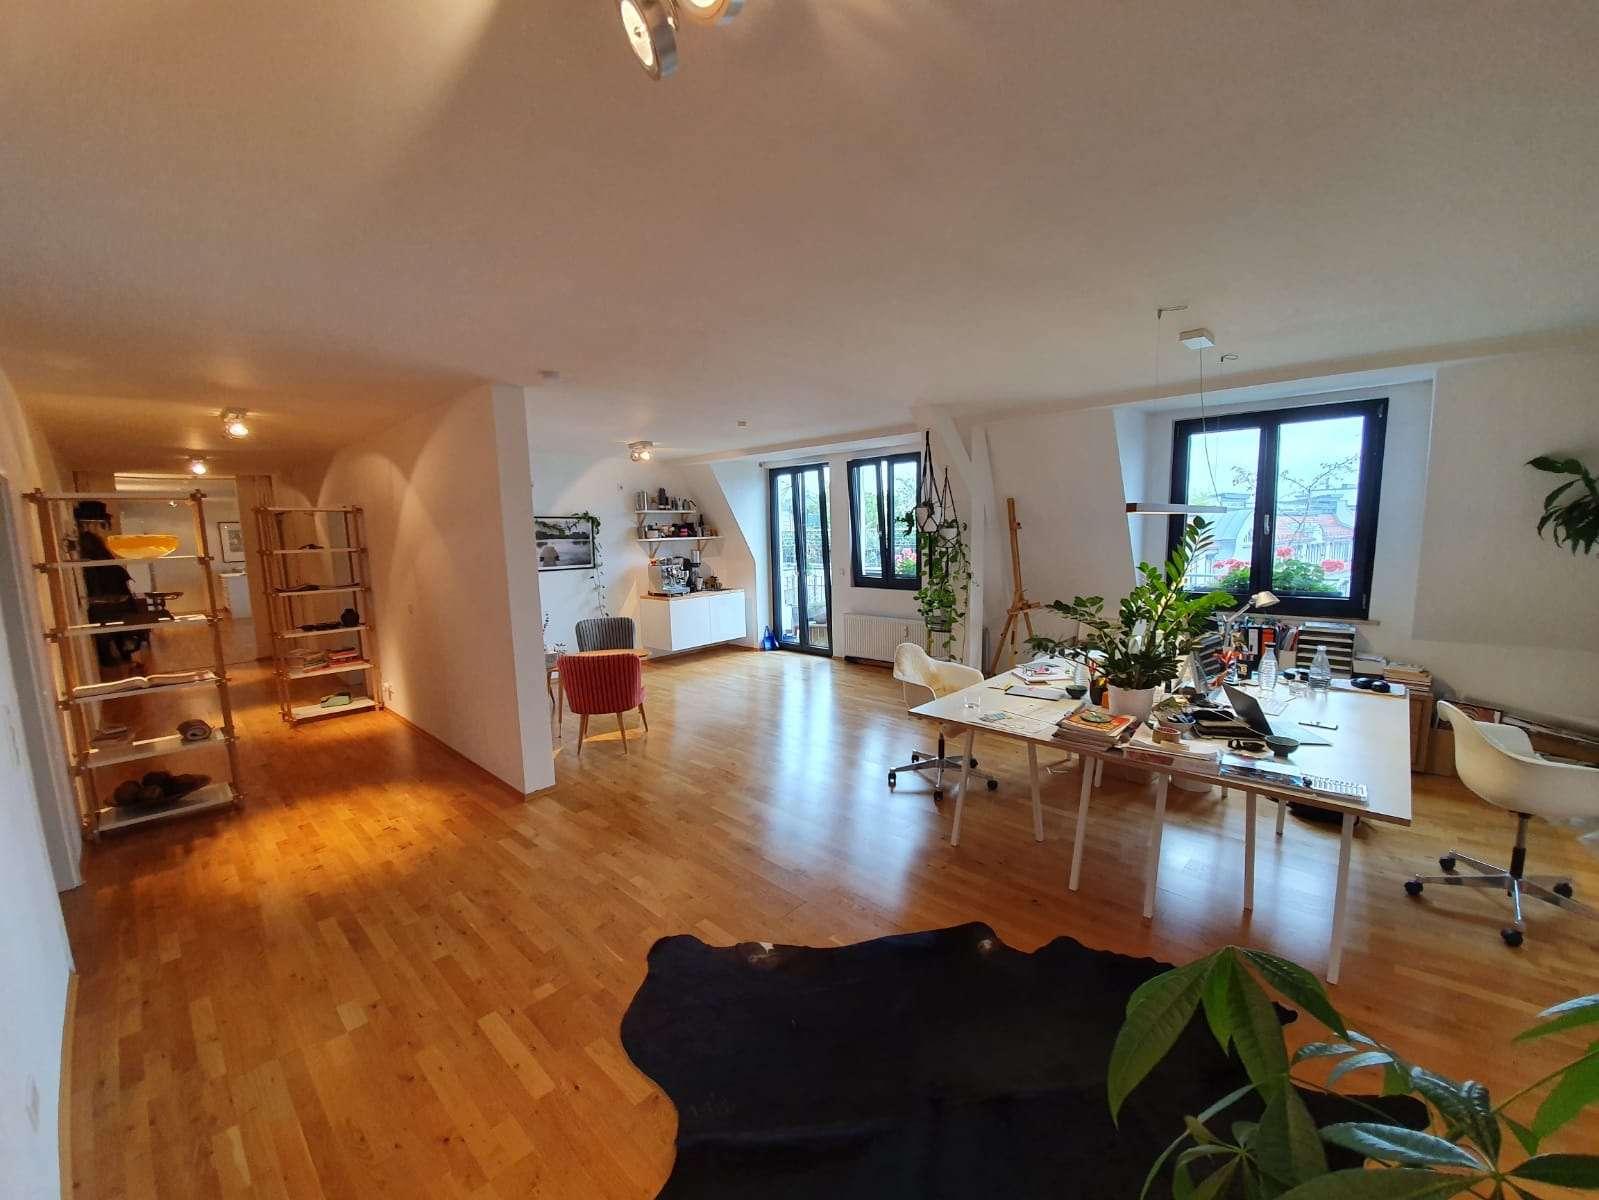 Großzügige 3 Zimmer Wohnung mit sonnigem Balkon in St. Johannis (Nürnberg)